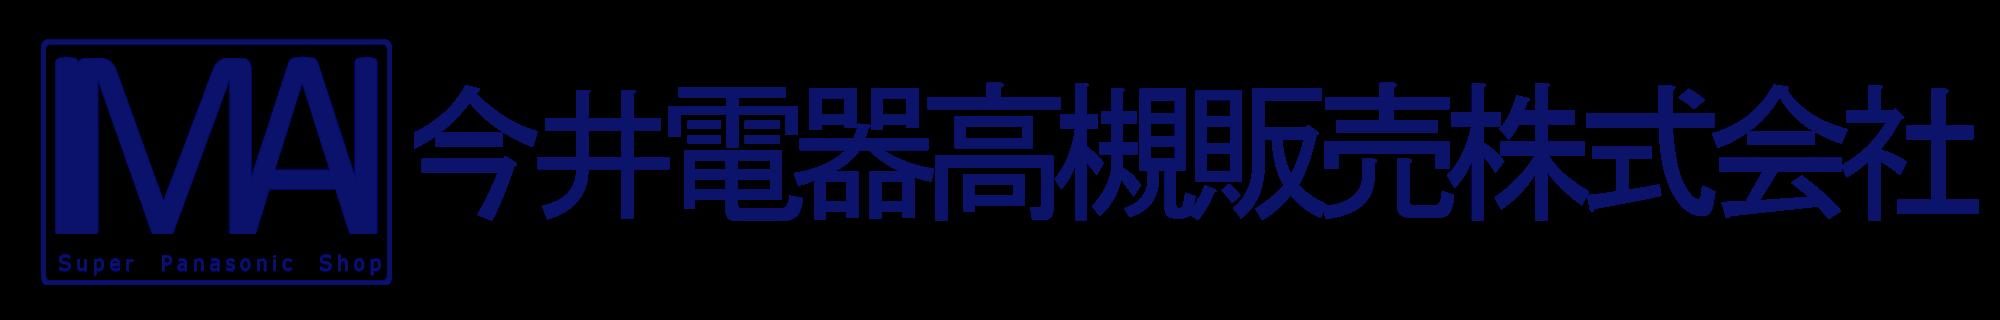 今井電器高槻販売株式会社